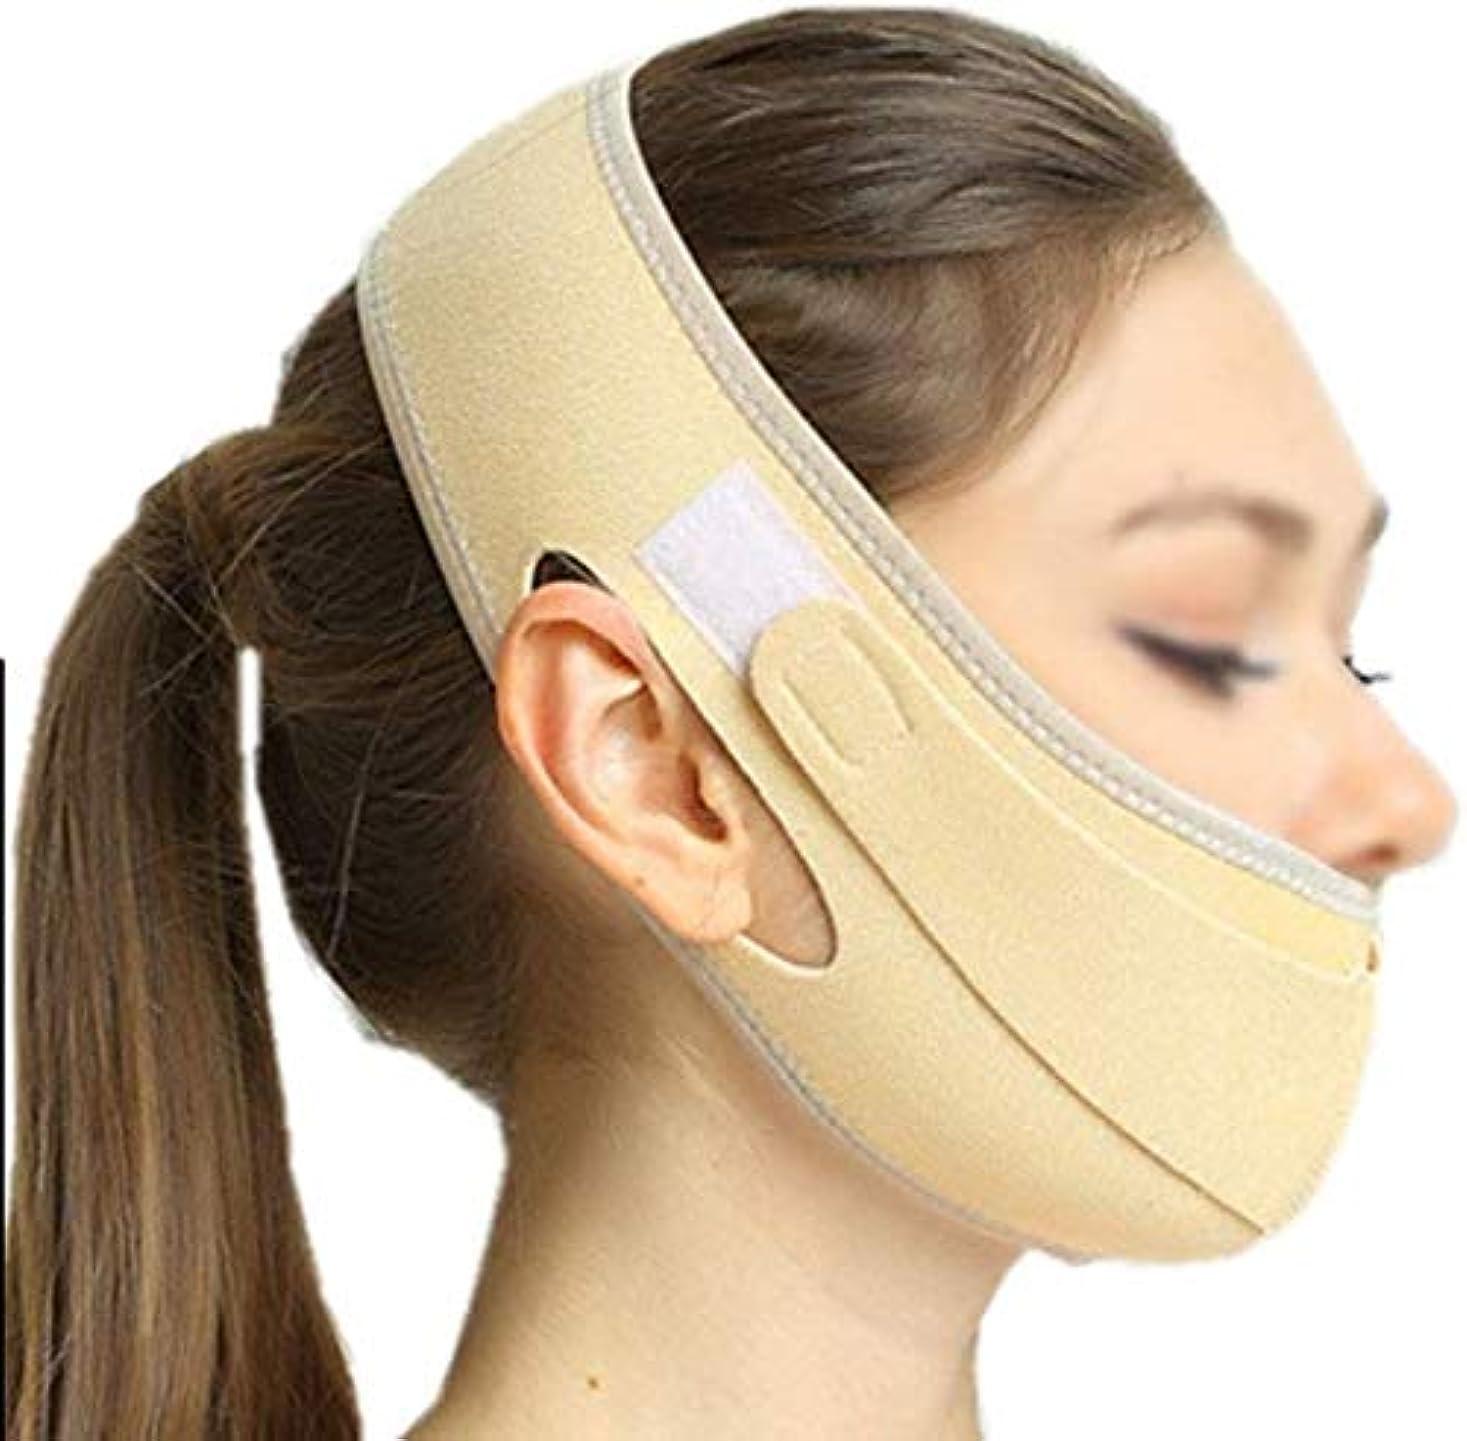 積極的にヒューマニスティック先のことを考える美容と実用的なフェイスリフトマスク、化粧品回復マスク、薄いダブルチンリフティングスキンで小さなVフェイスバンデージを作成